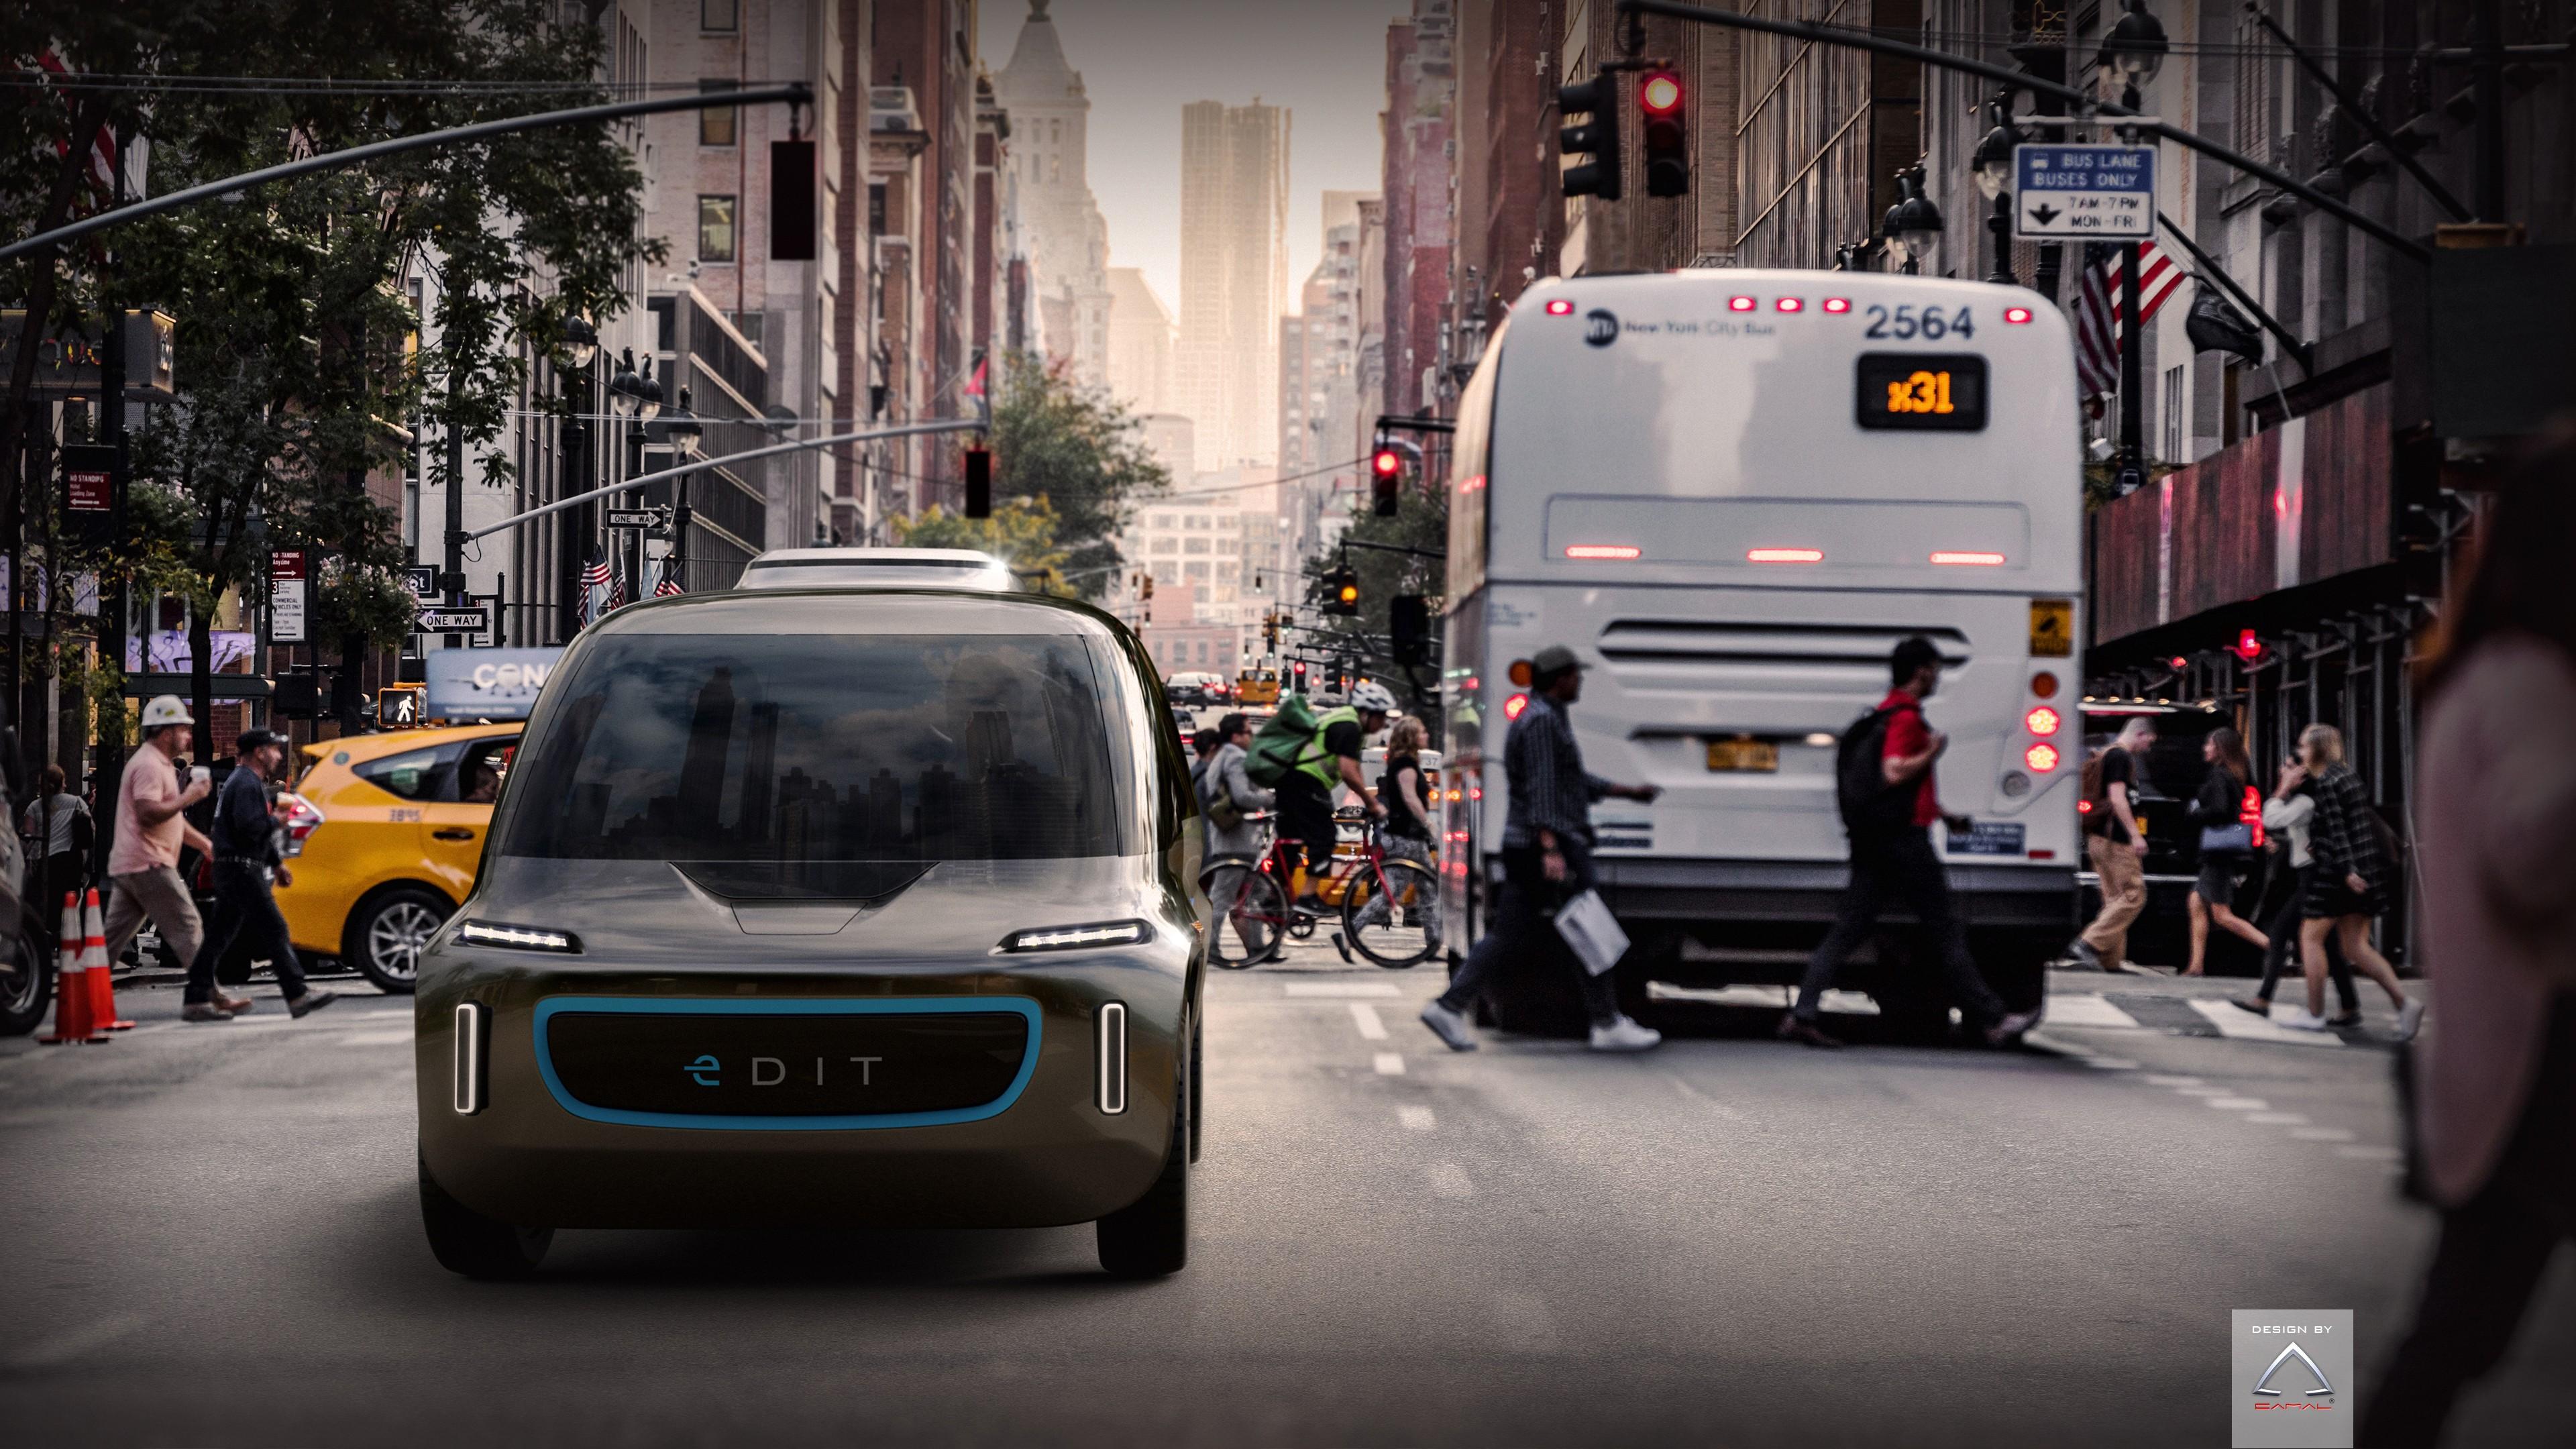 Wallpaper EDIT, Self-Driving Car, 4k, HD, electric cars ...